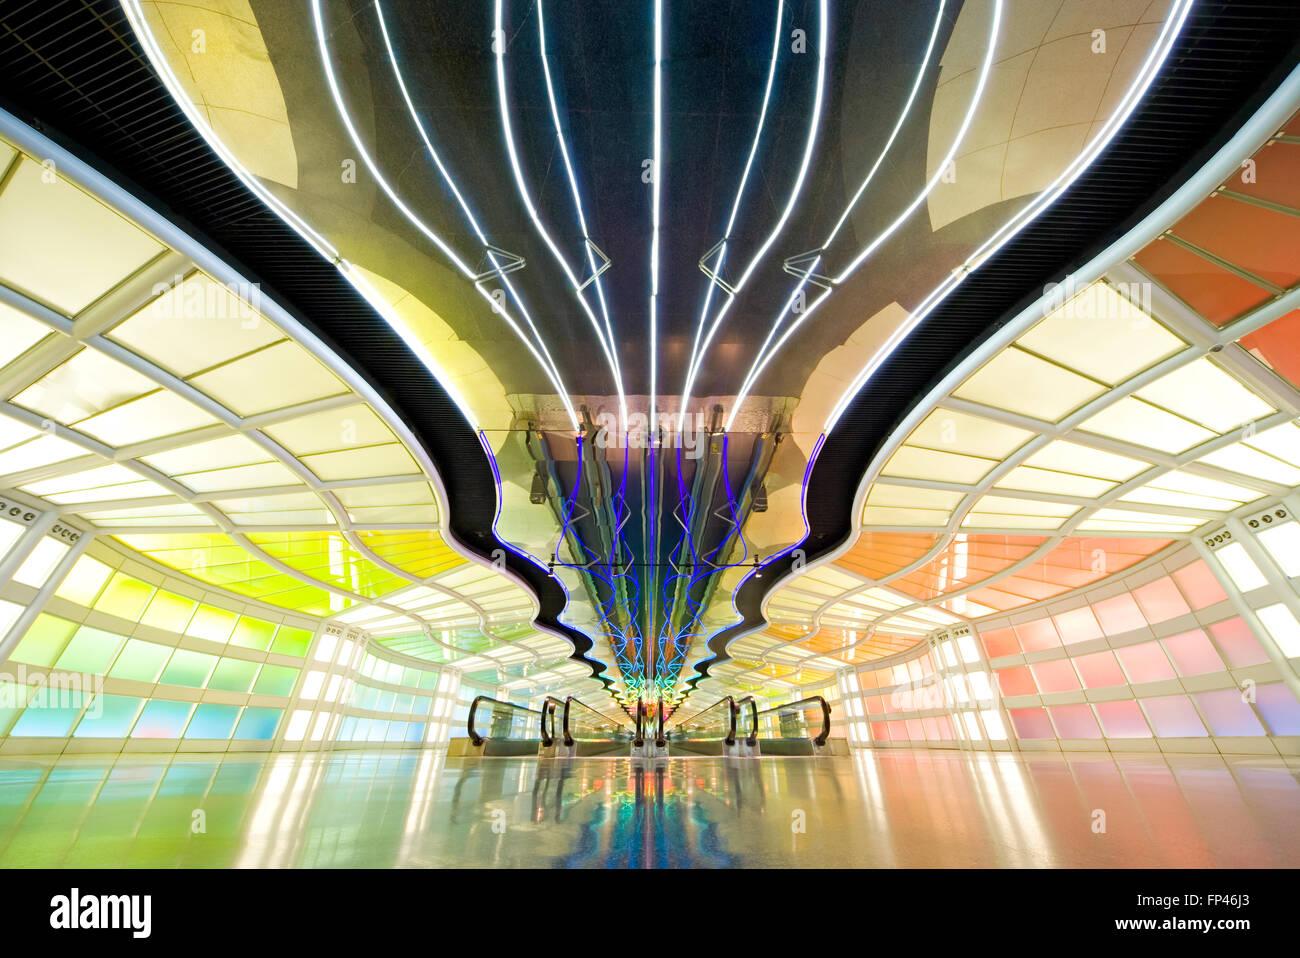 El Aeropuerto Internacional O'Hare de Chicago. Túnel entre vestíbulos B y C de United Terminal con Imagen De Stock